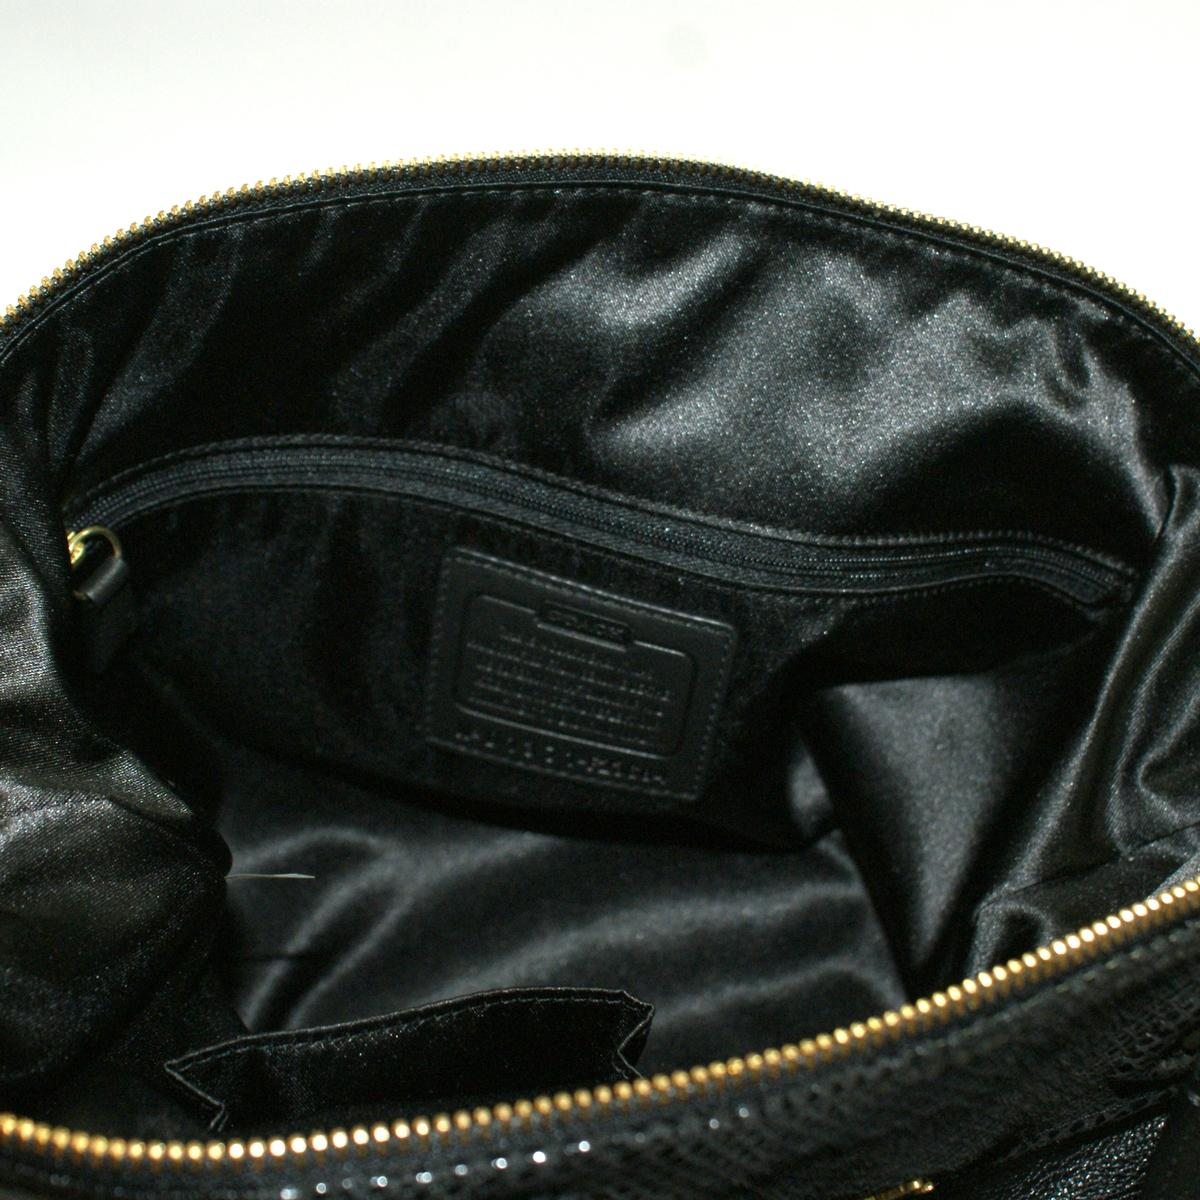 Coach Ashley Leather Satchel\/ Shoulder Bag Black #23684  Coach 23684